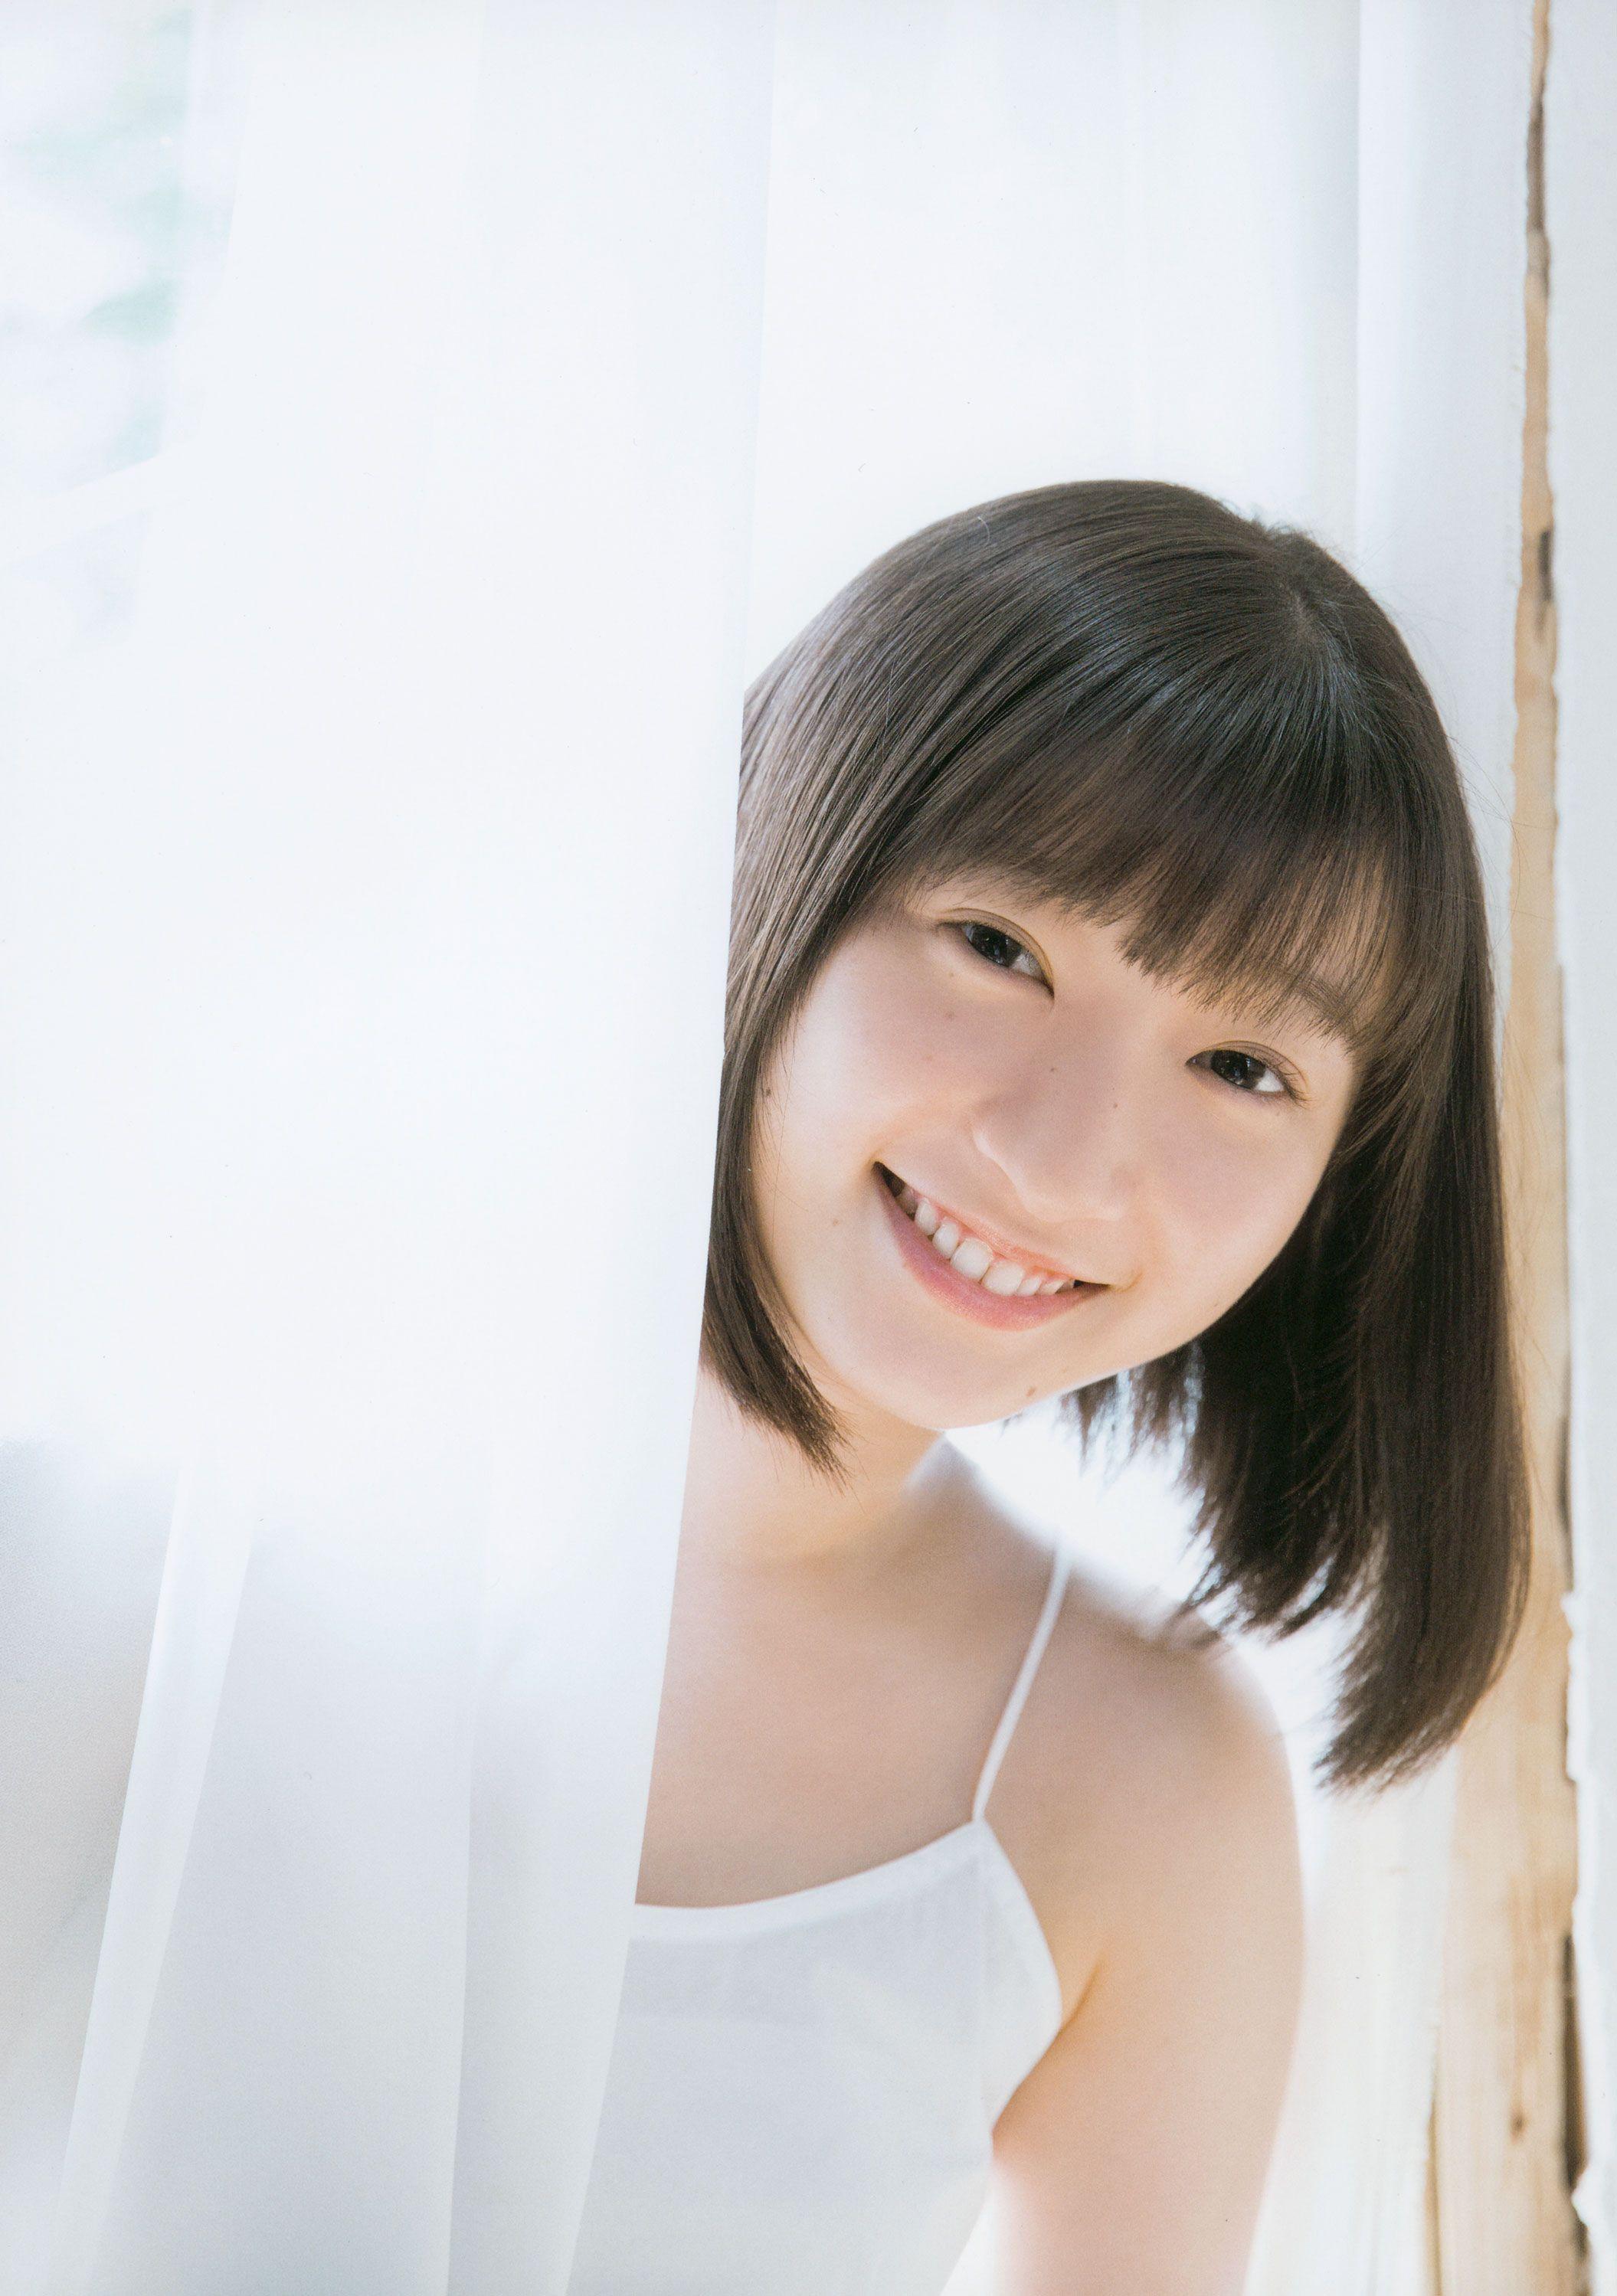 Miyamoto Karin (宮本佳林)